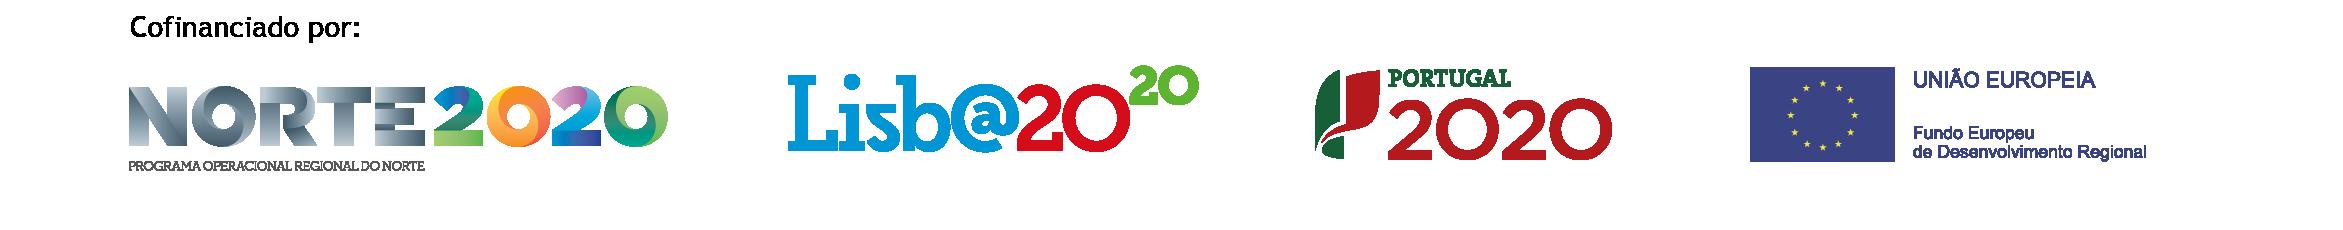 Note2020 Lisboa2020